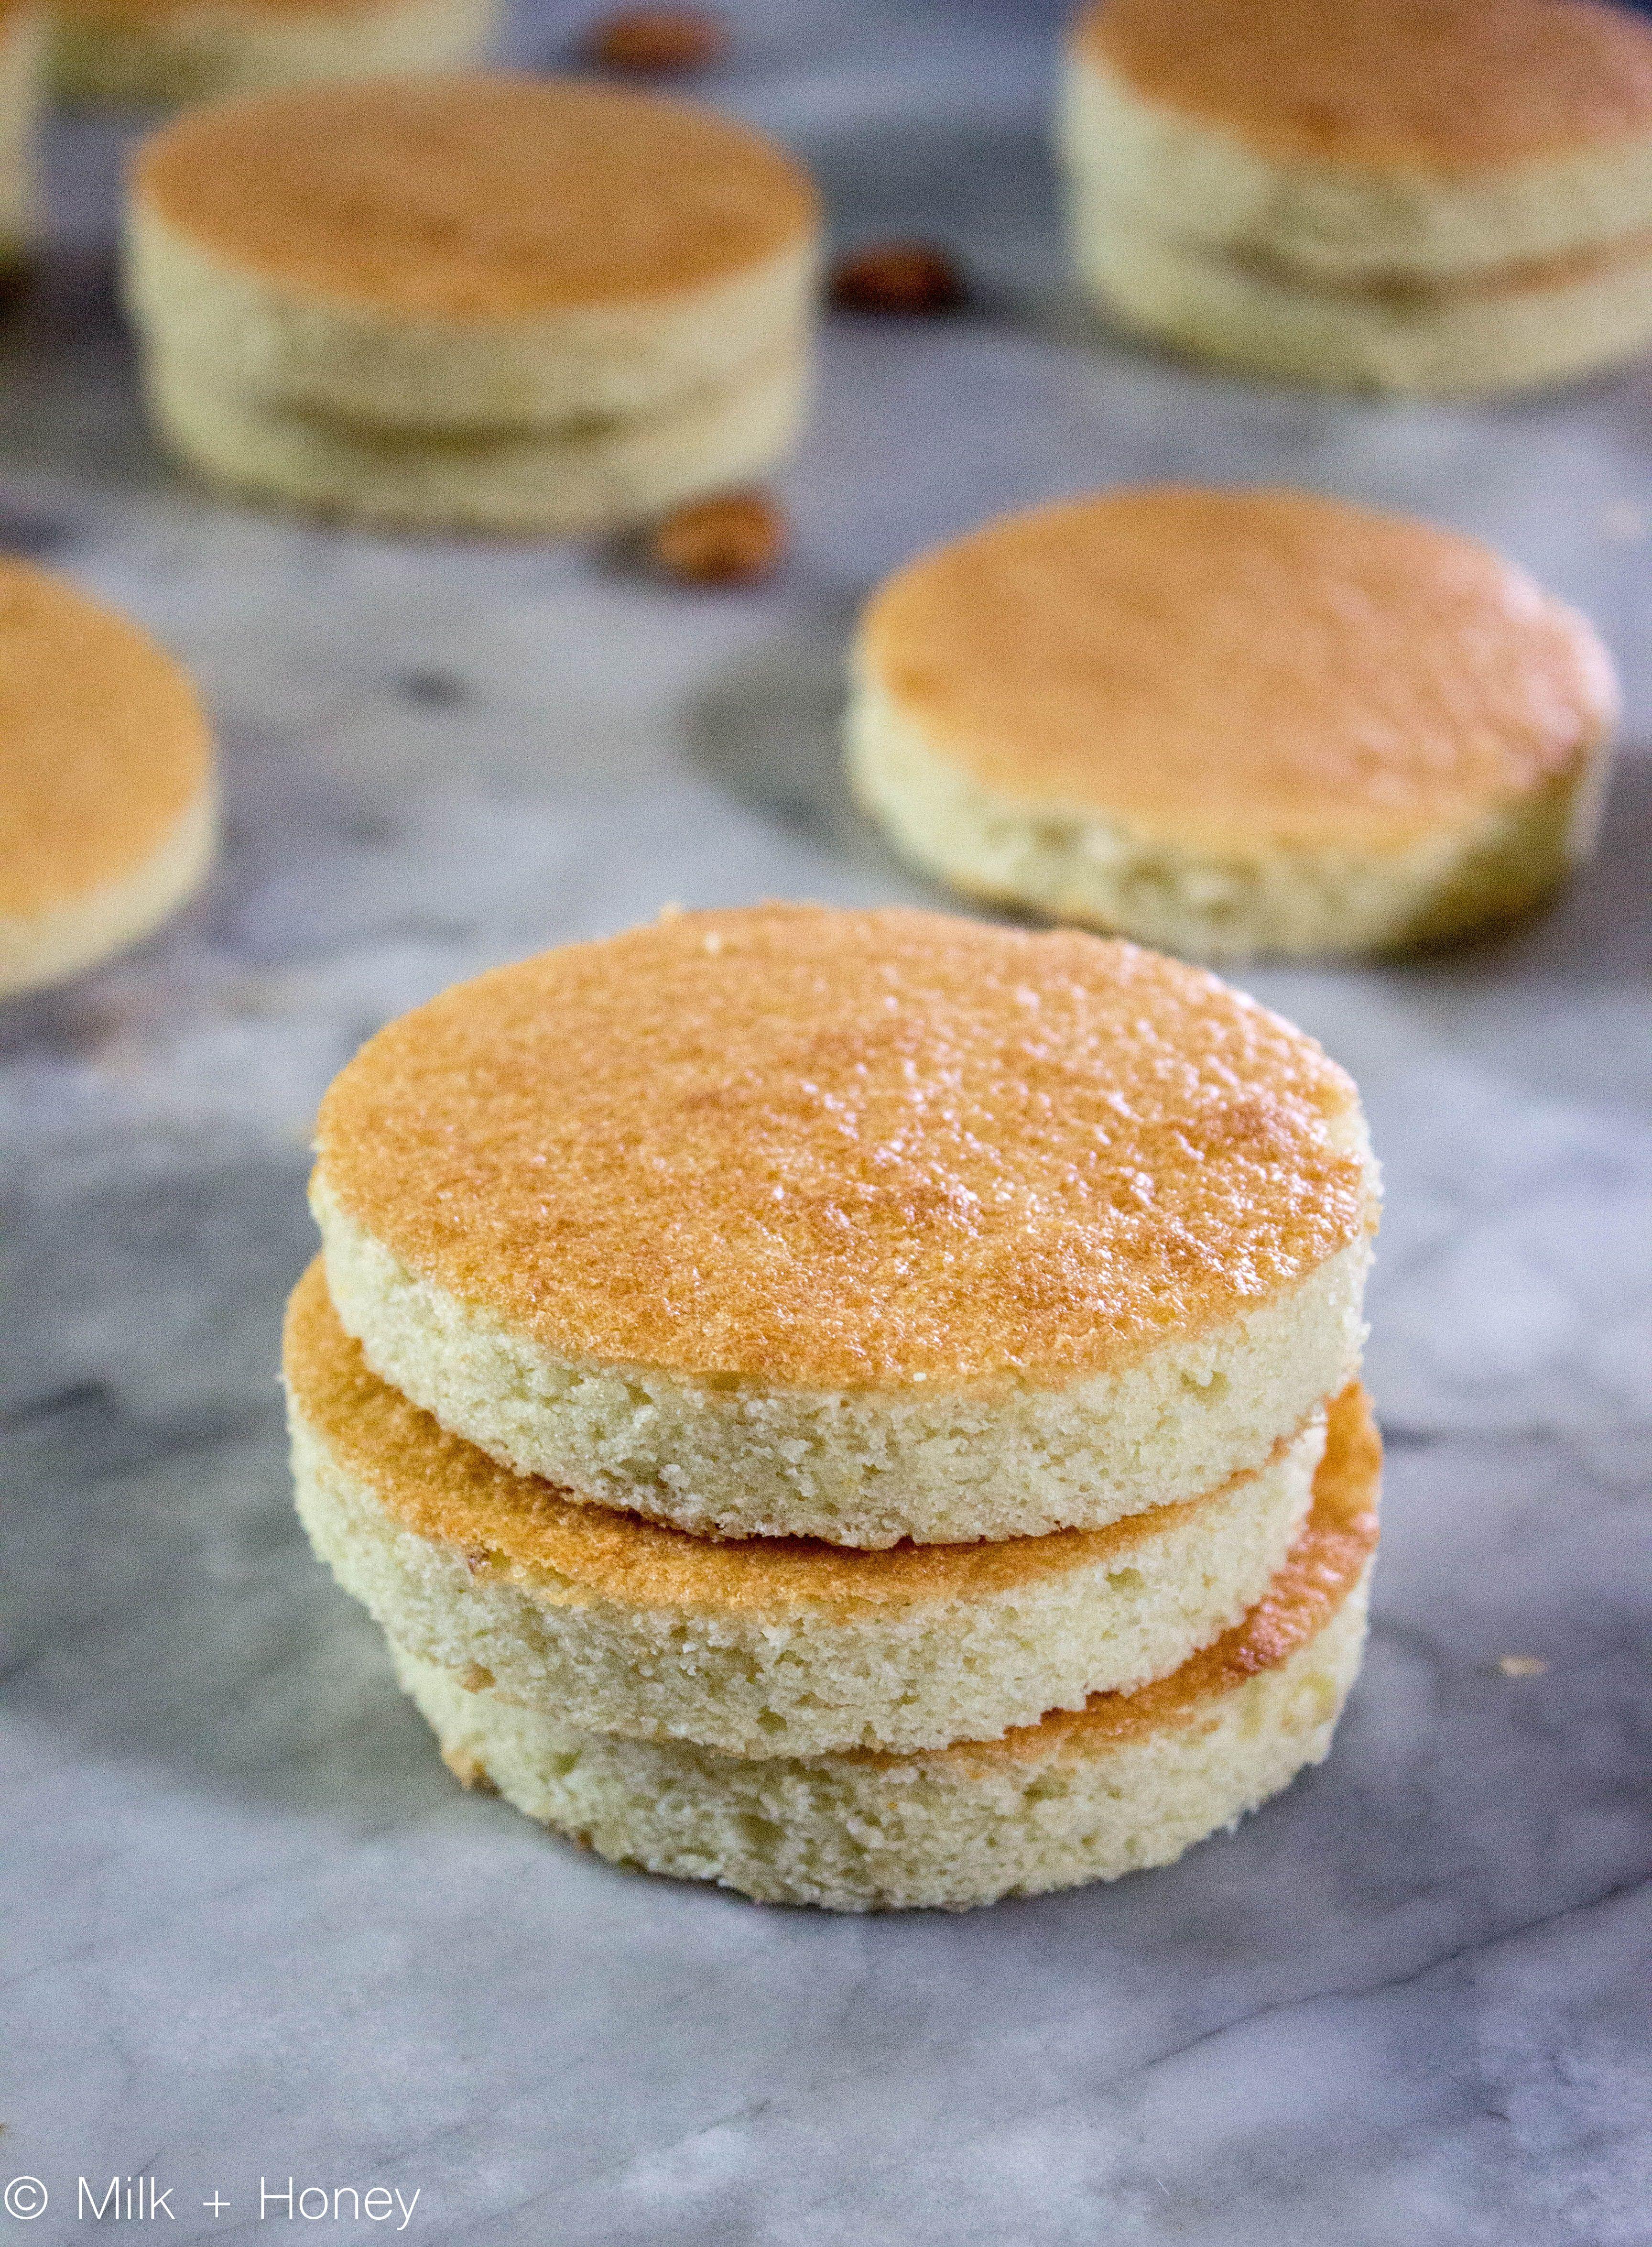 Joconde biscuit the mona lisa of cakes milk honey